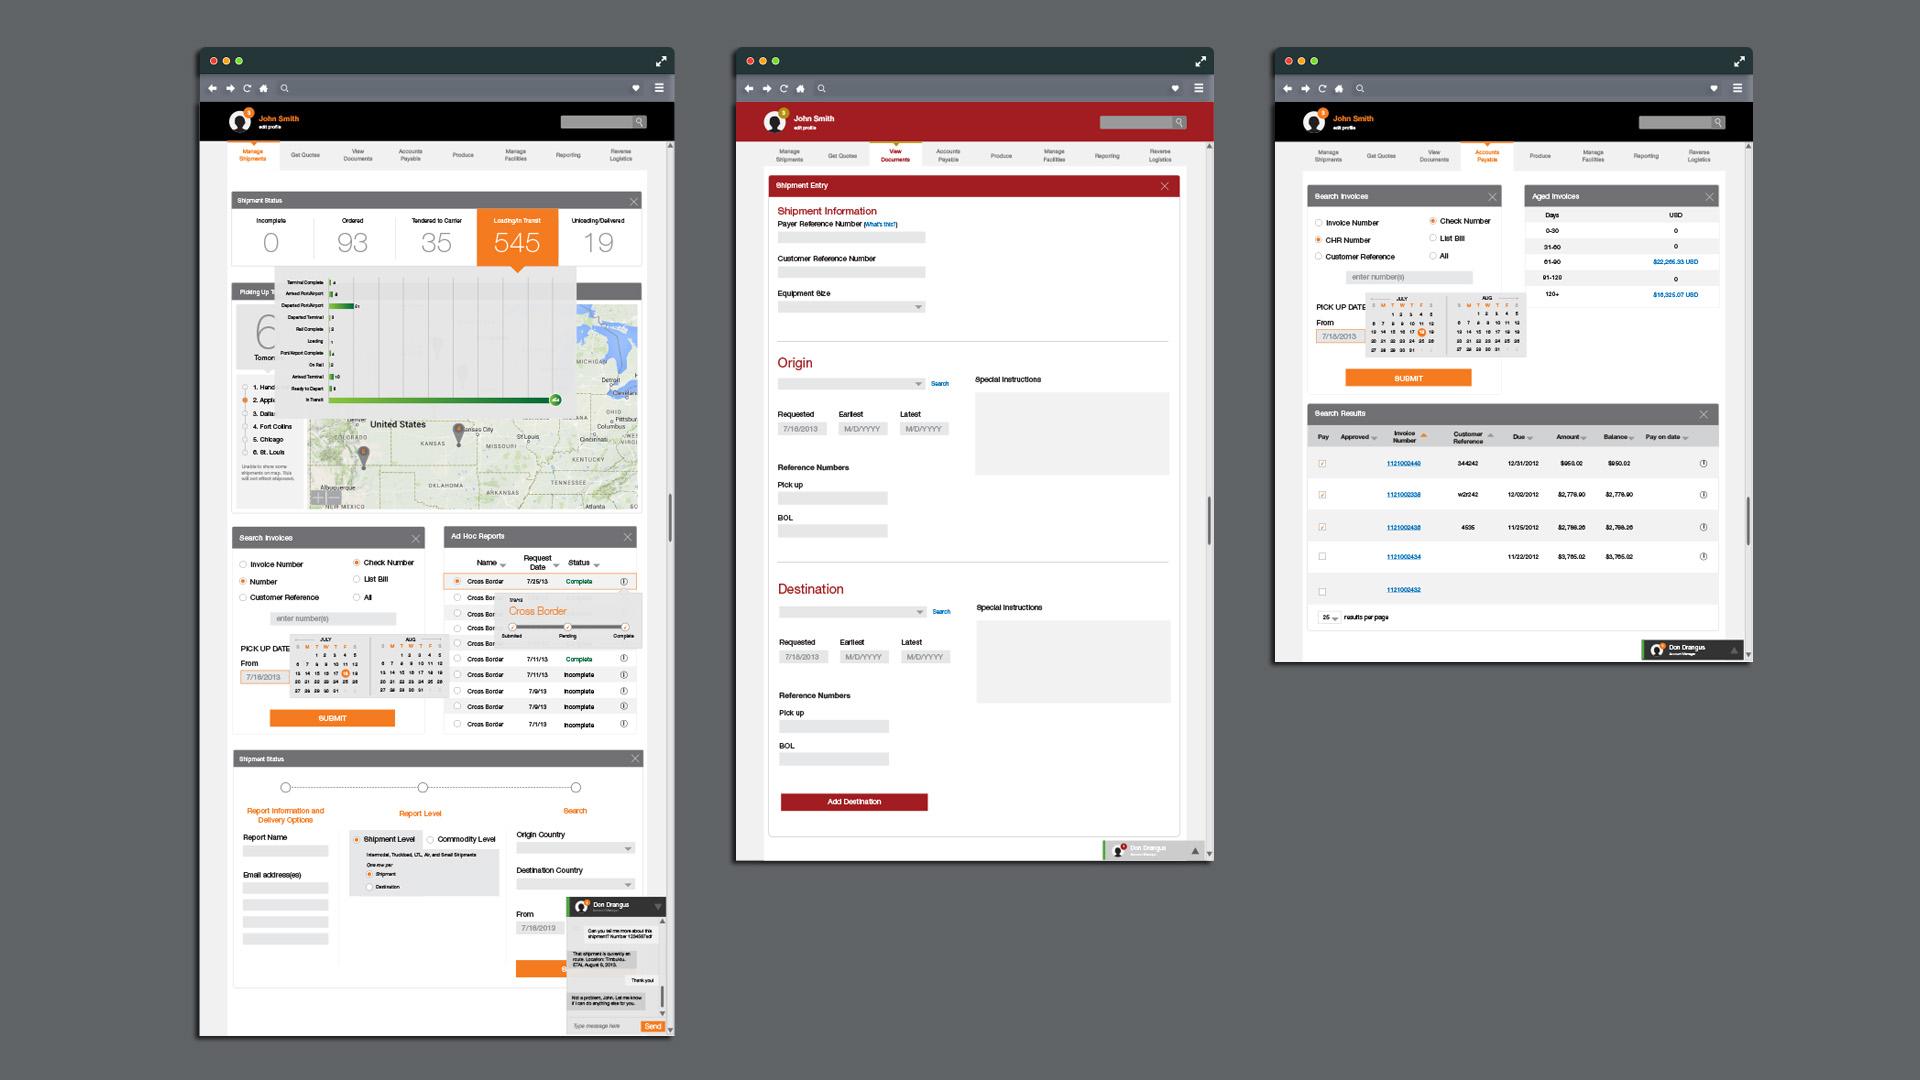 High-fidelity mock-ups of UI